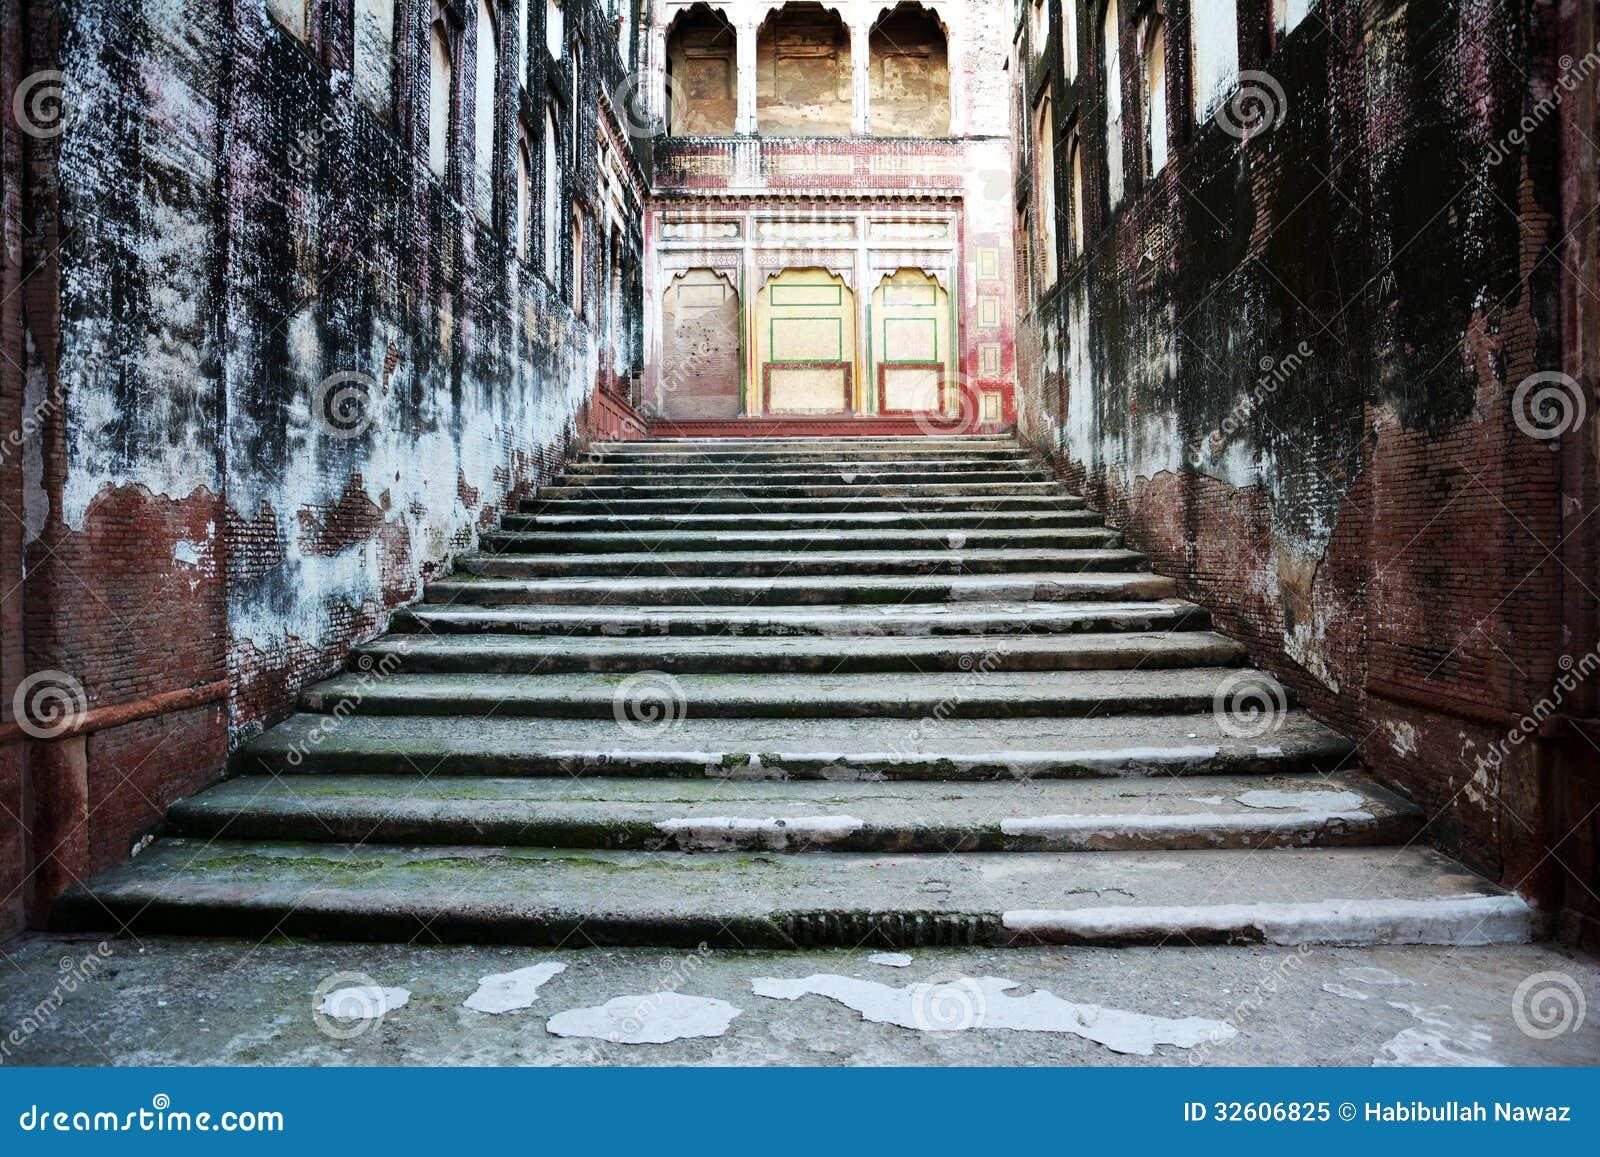 Trayectoria del elefante - escaleras